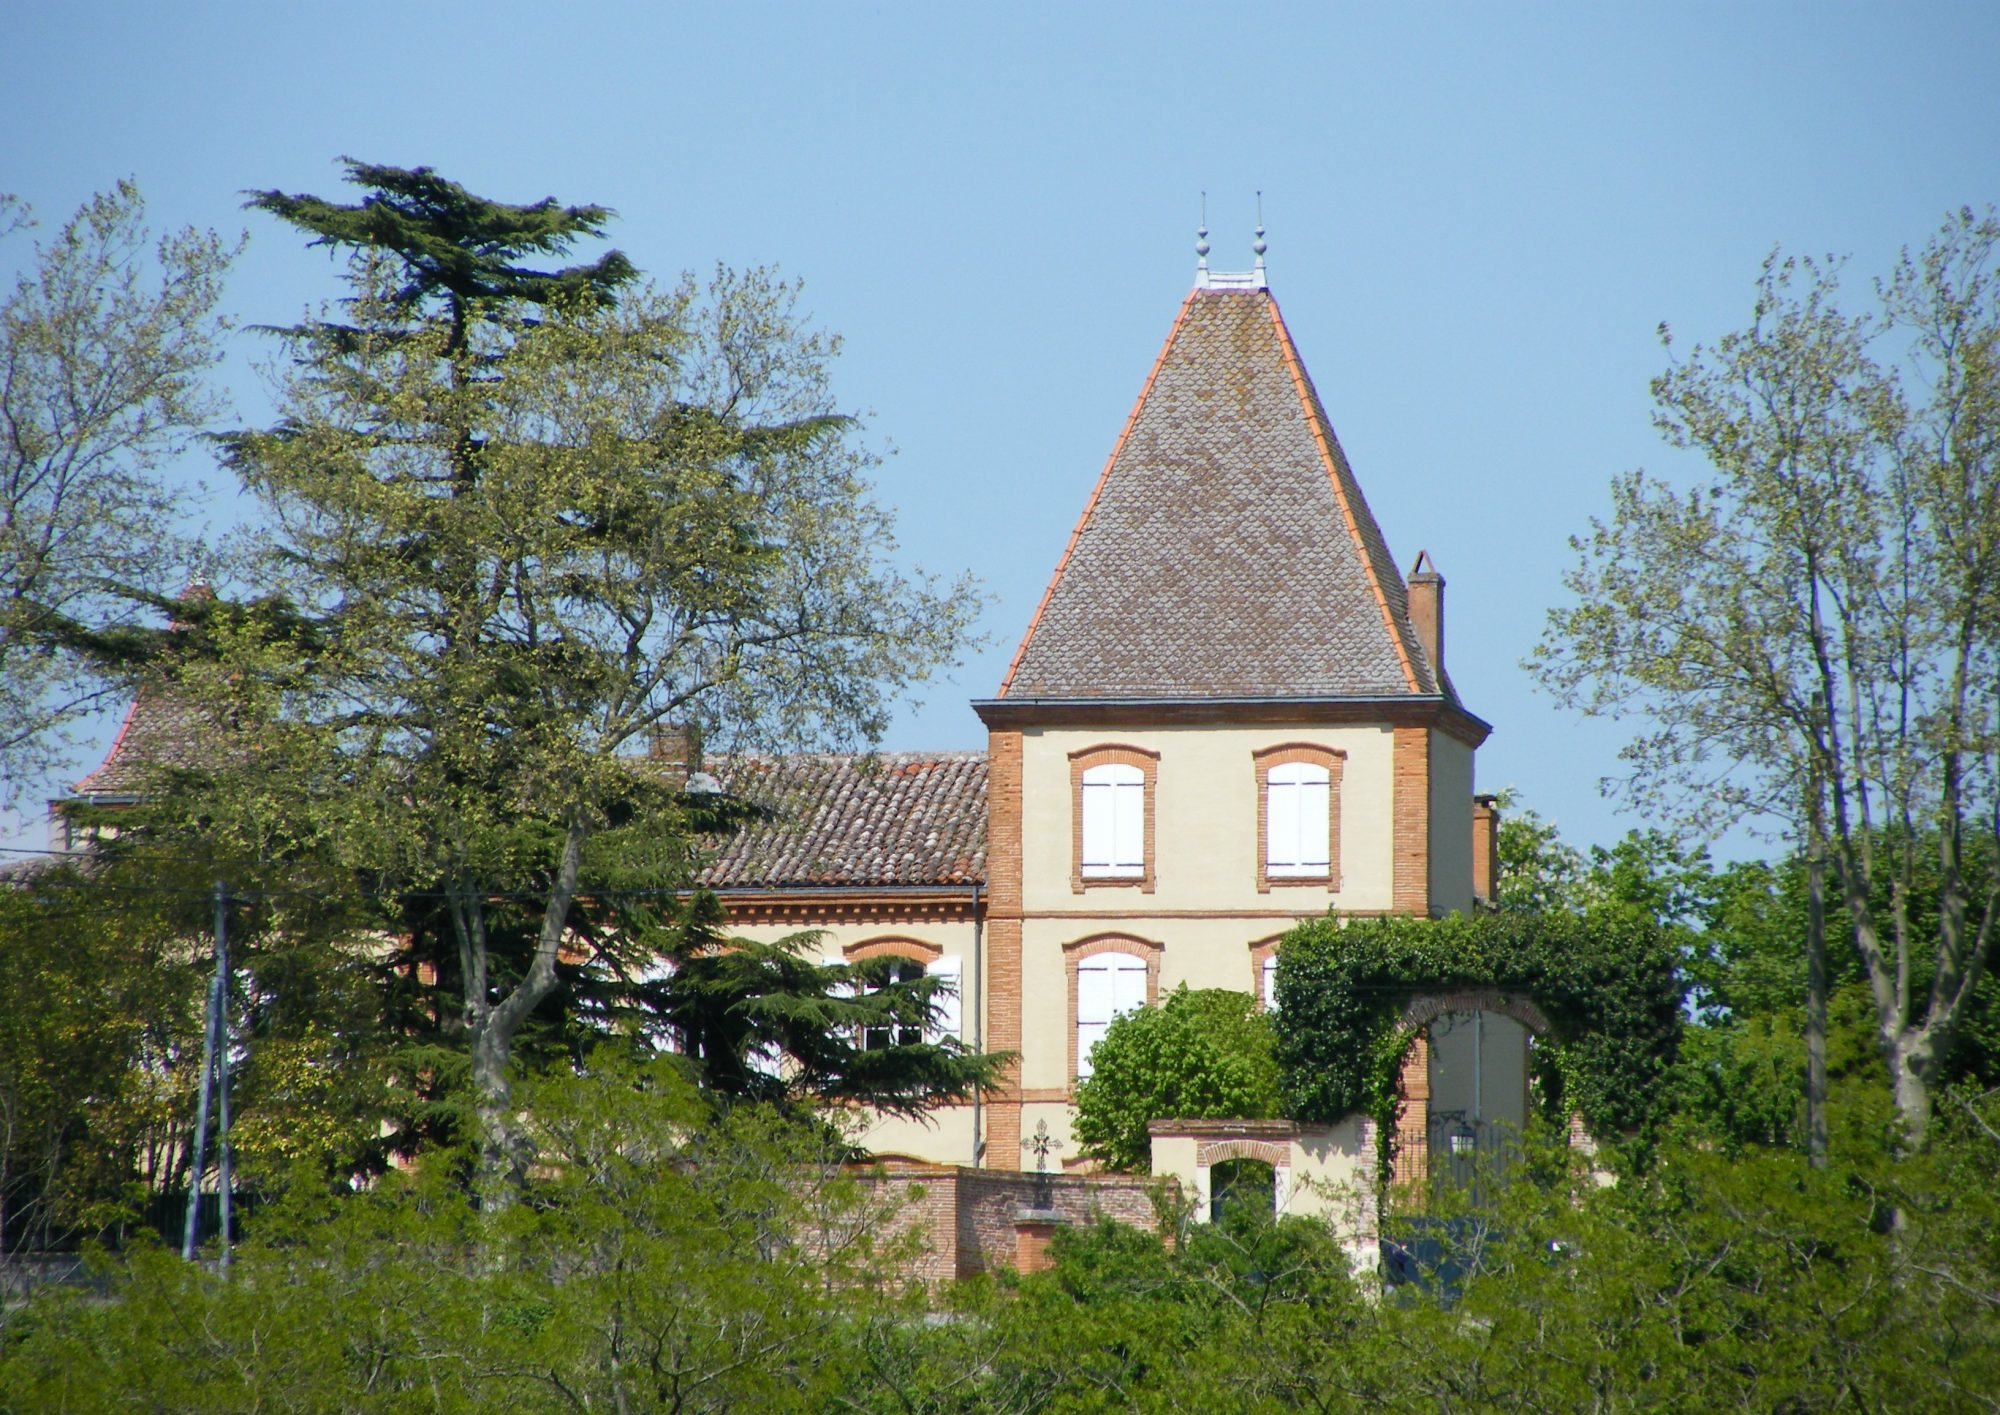 CAUJAC - Village remarquable de Haute-Garonne